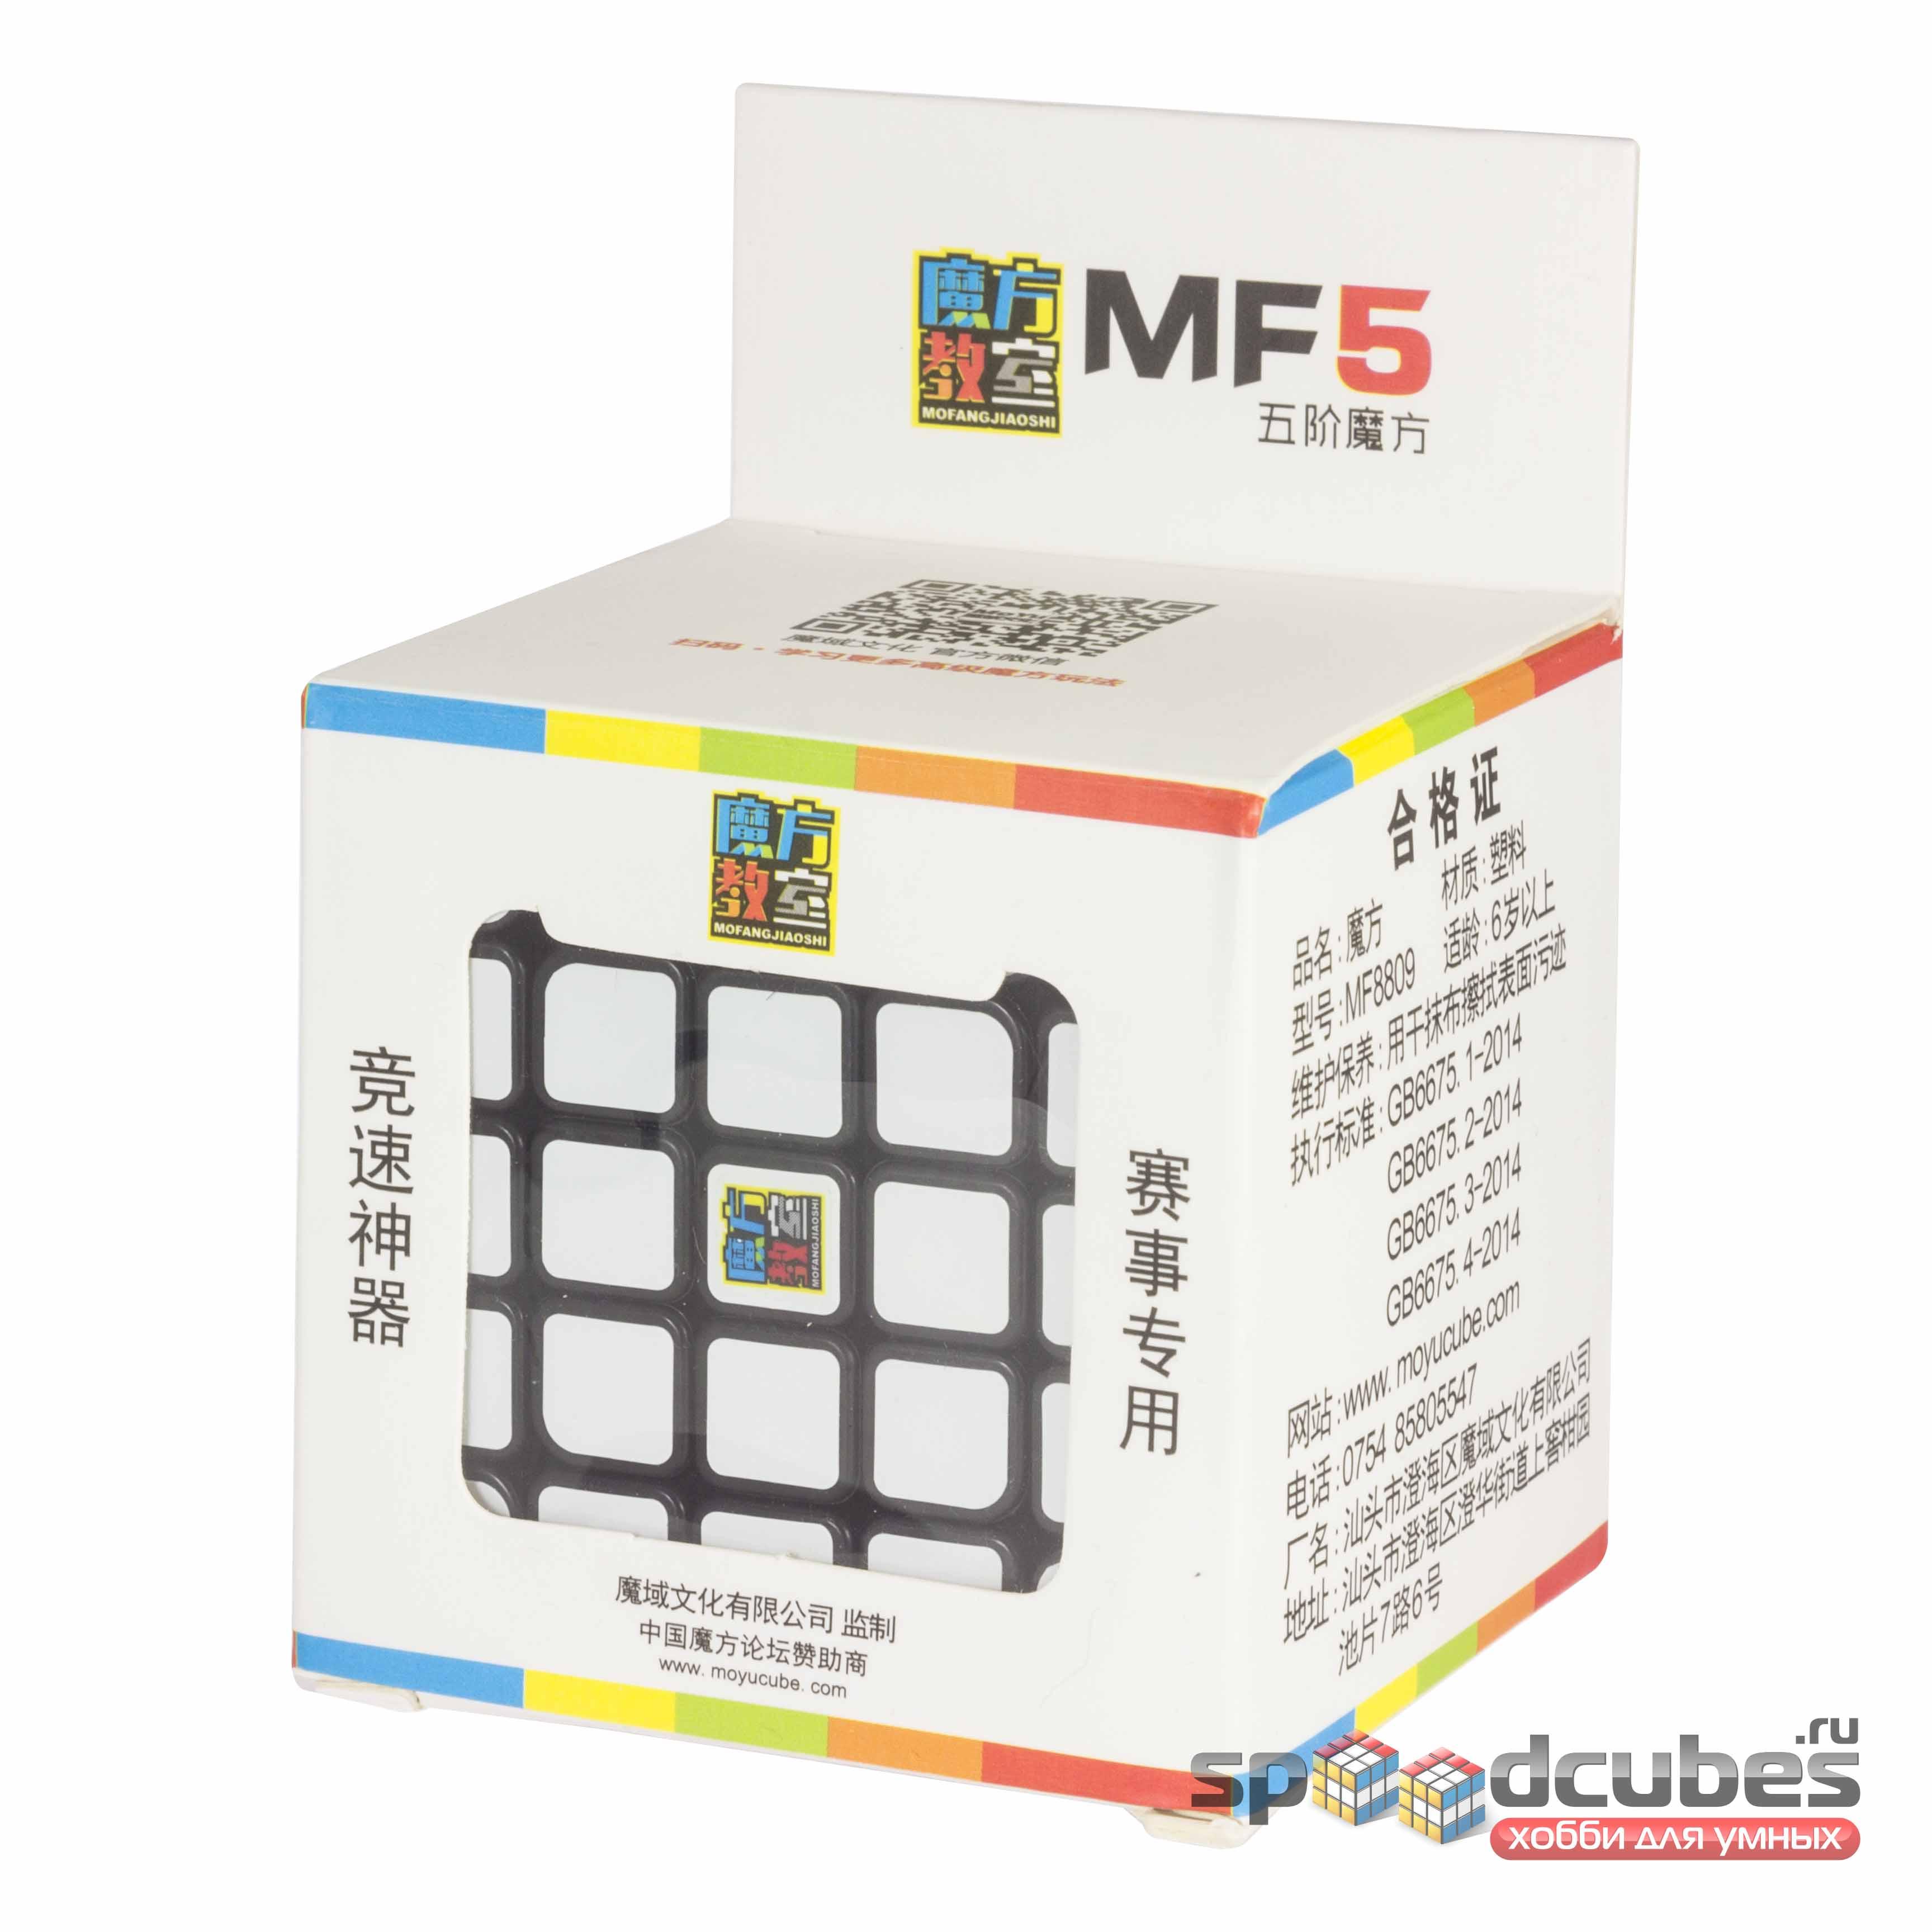 MoYu 5x5x5 MofangJiaoshi MF5 1